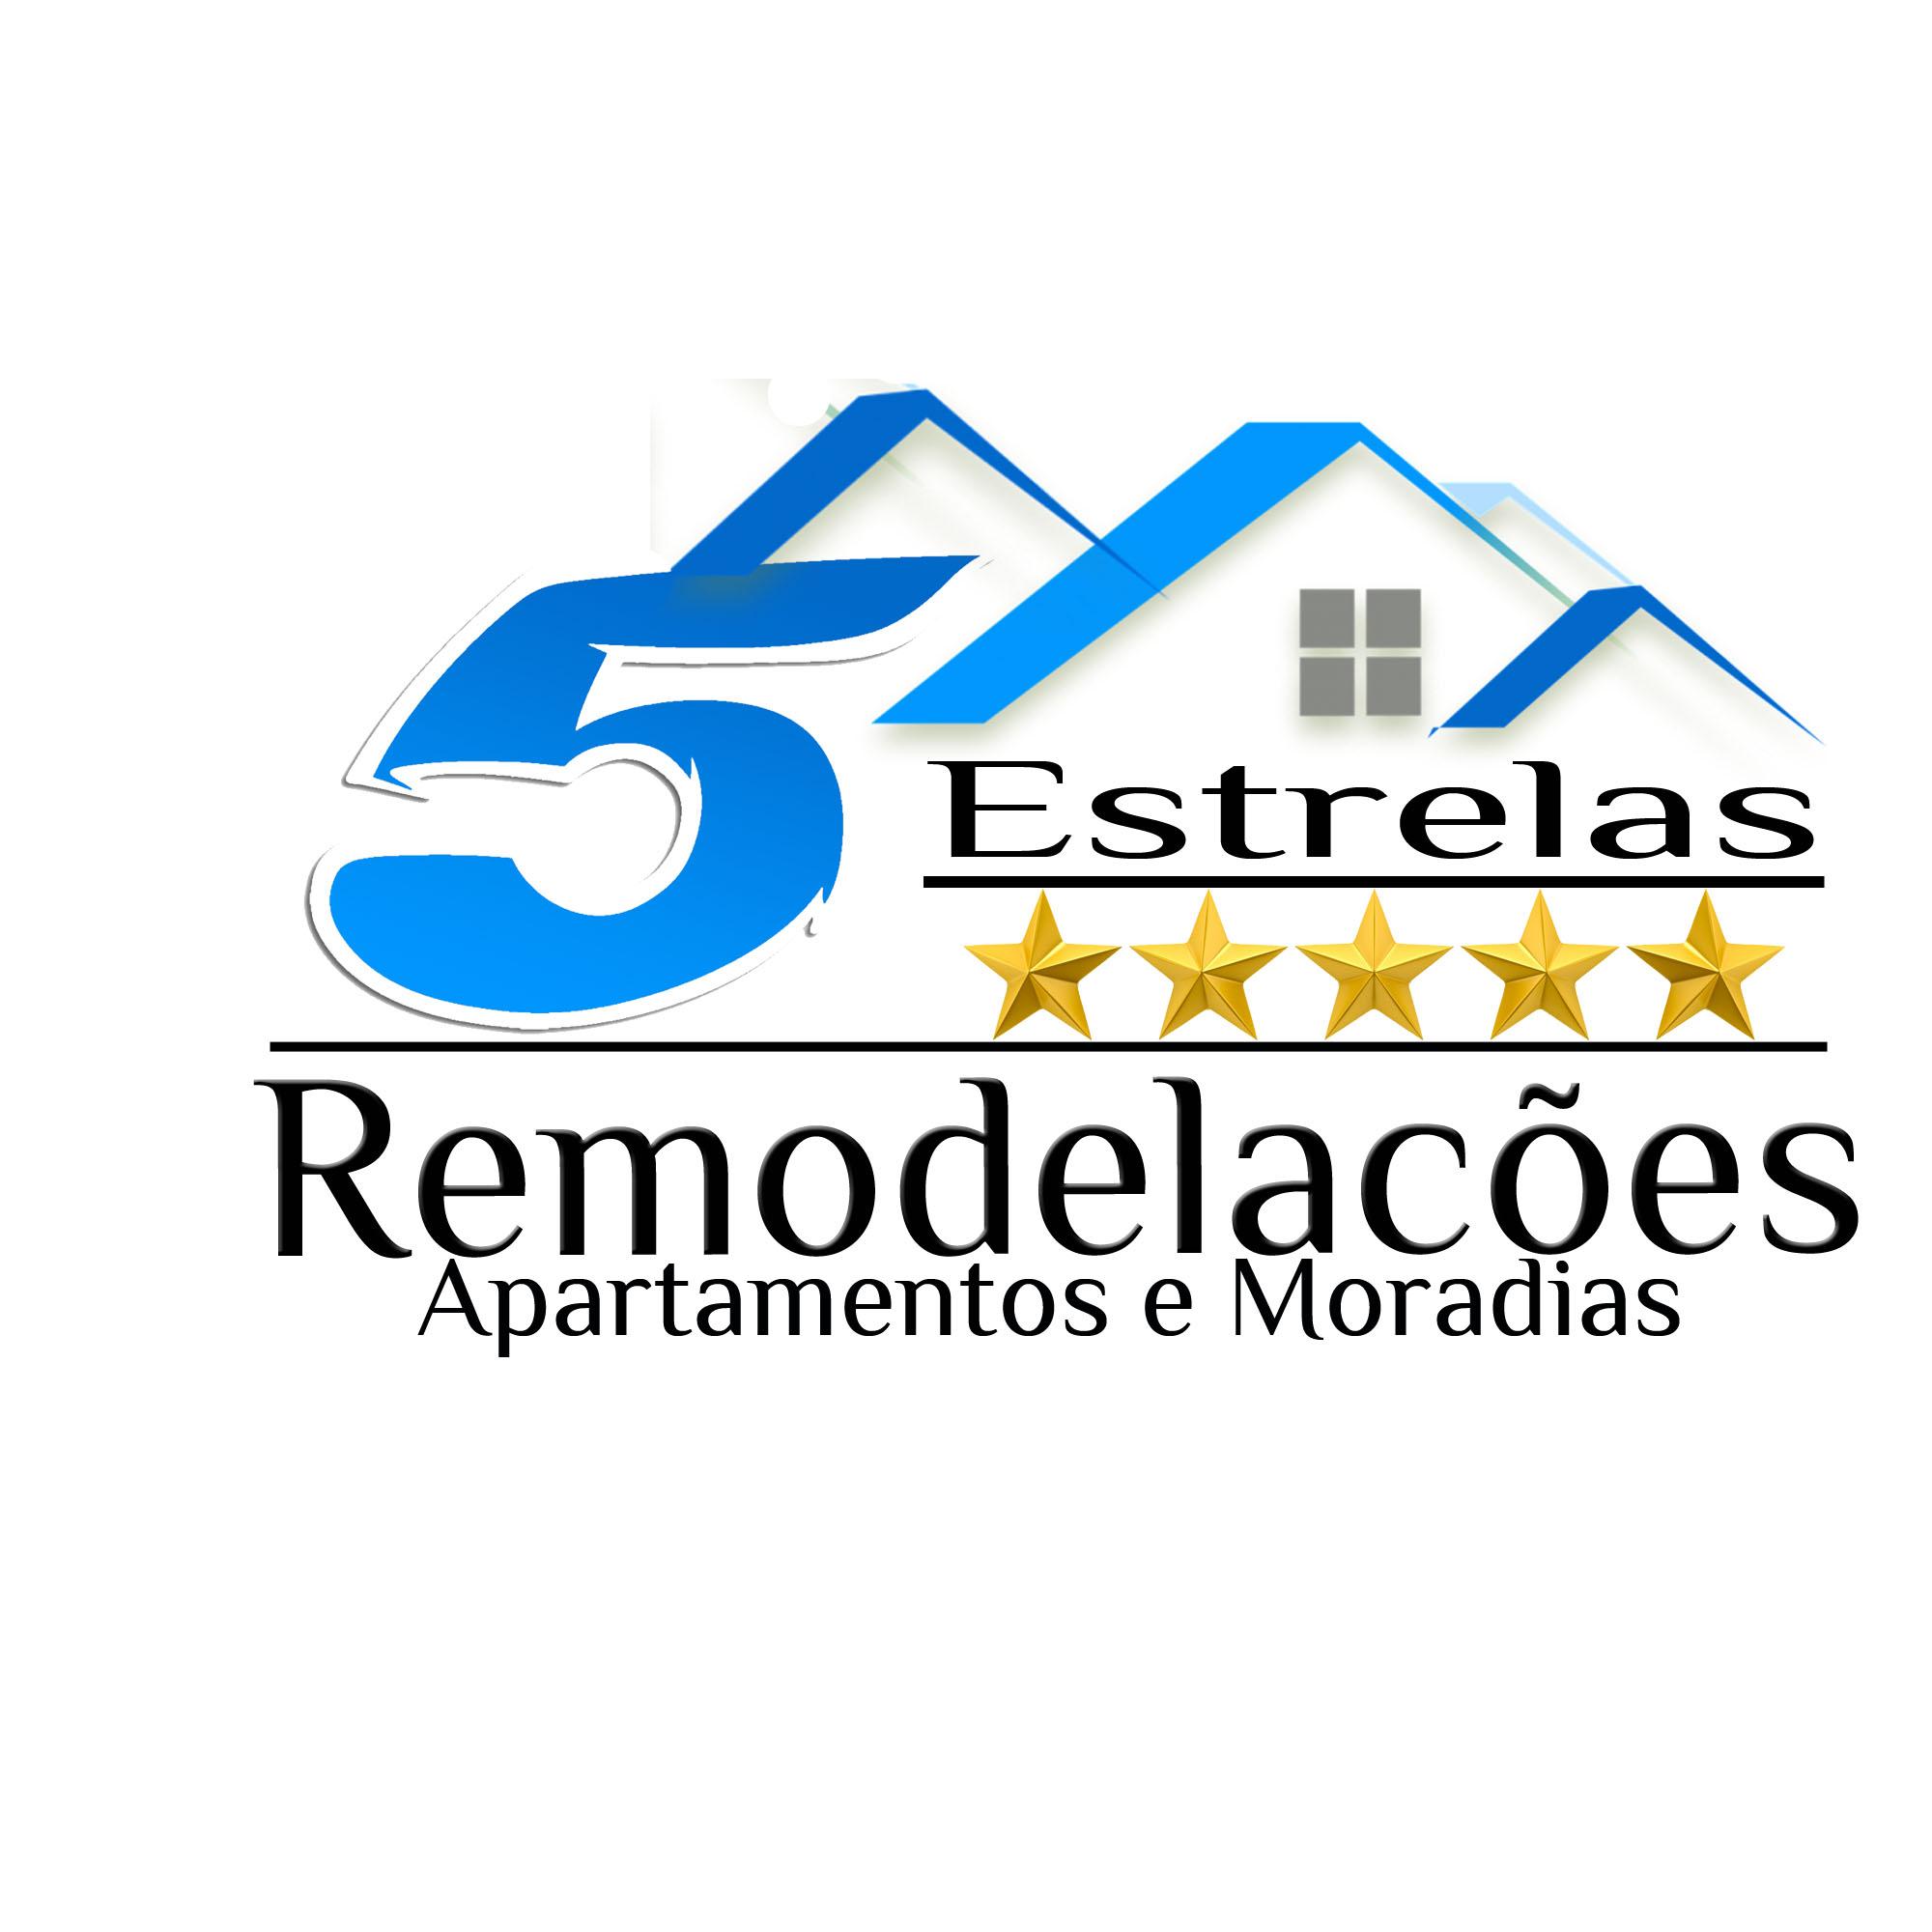 5 Estrelas - Remodelações